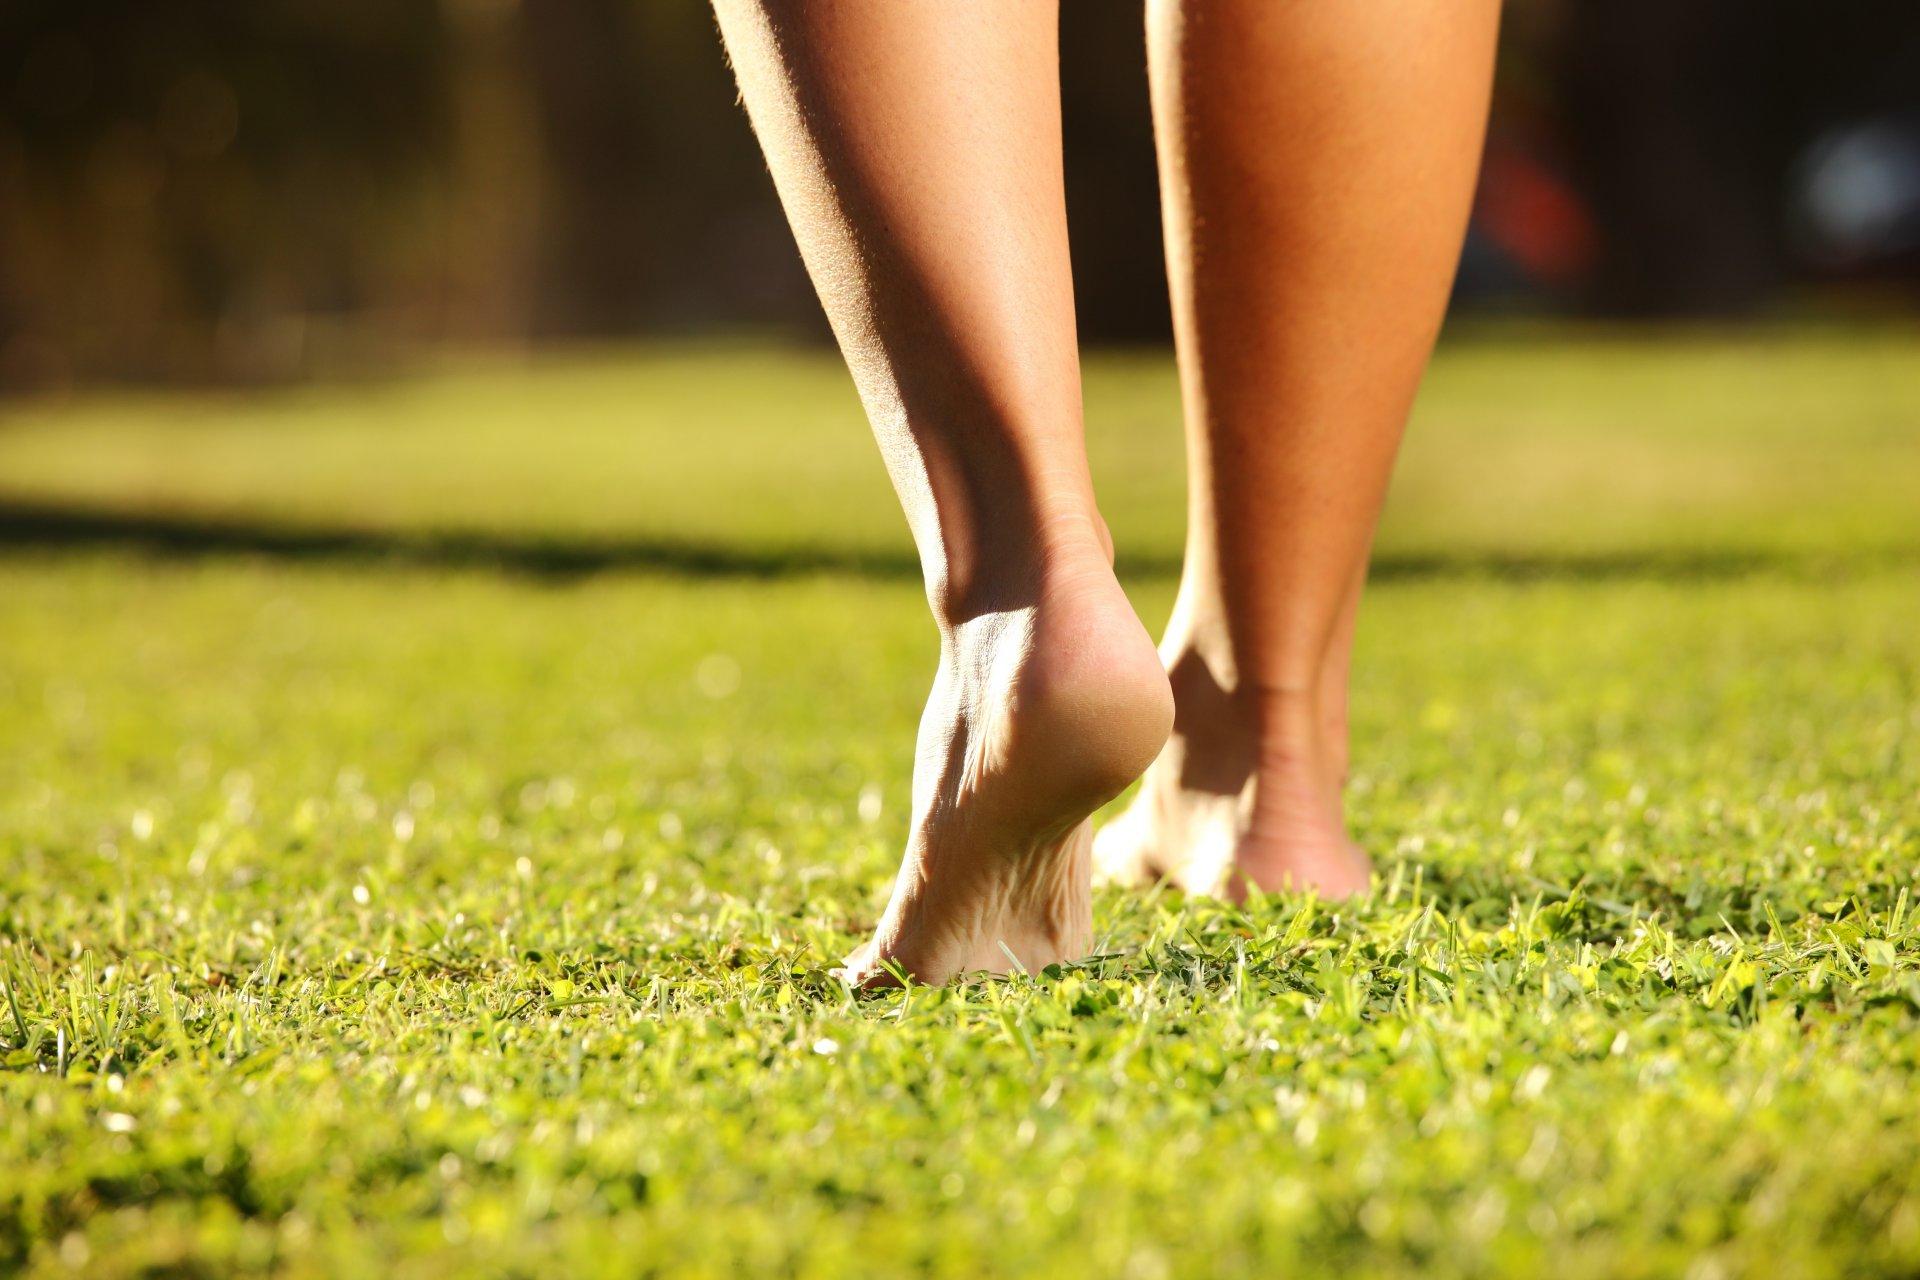 здоровые ноги на картинке когда речь